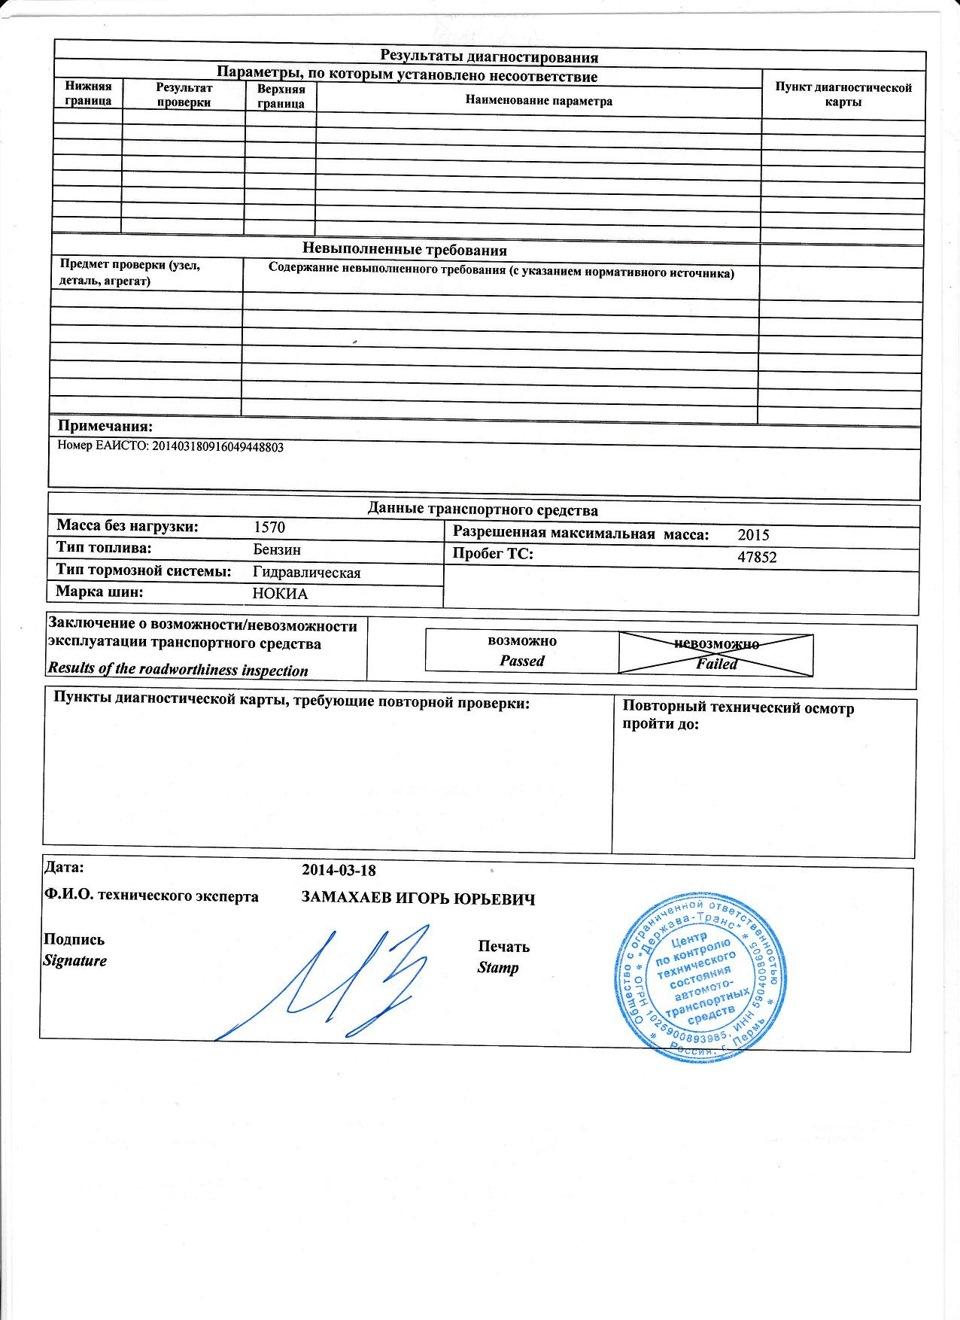 Техосмотр в Екатеринбурге. Купить ТО официально с доставкой 43